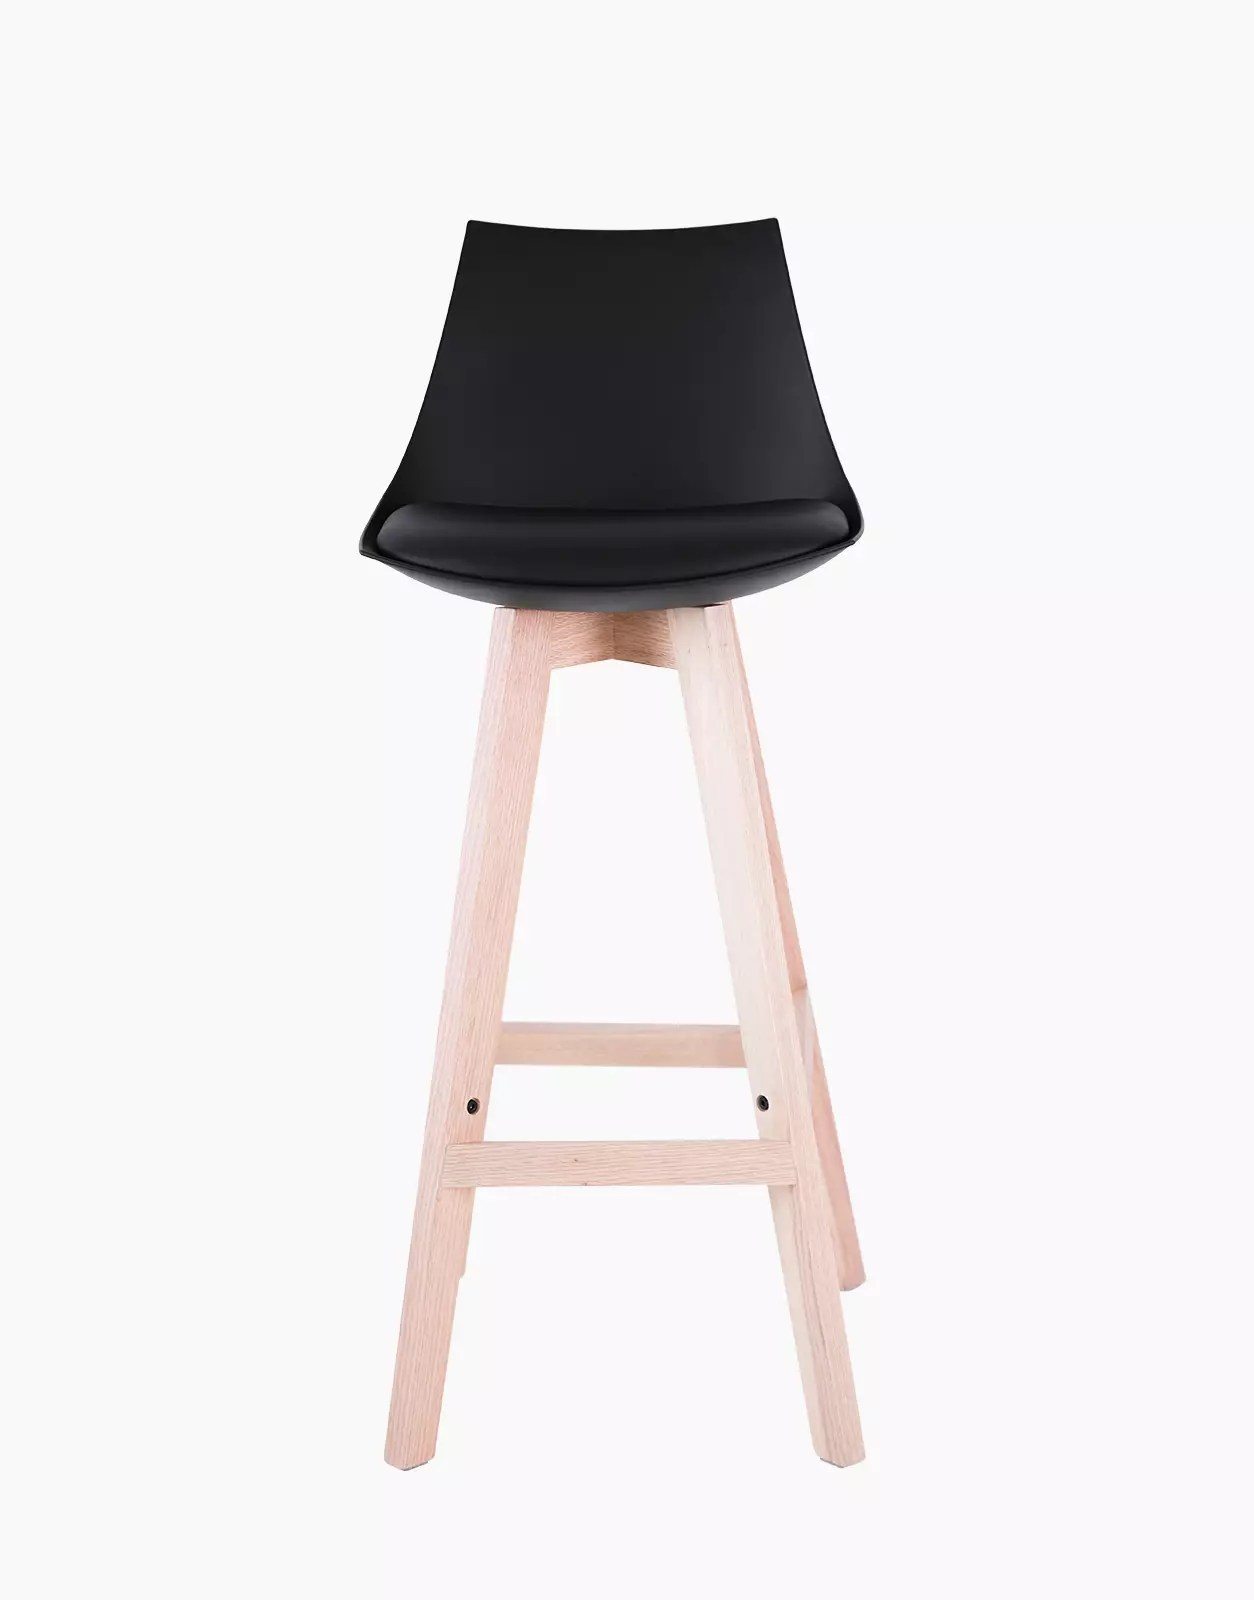 bar stool kim black set of 2 solution design fr furniture lighting decoration